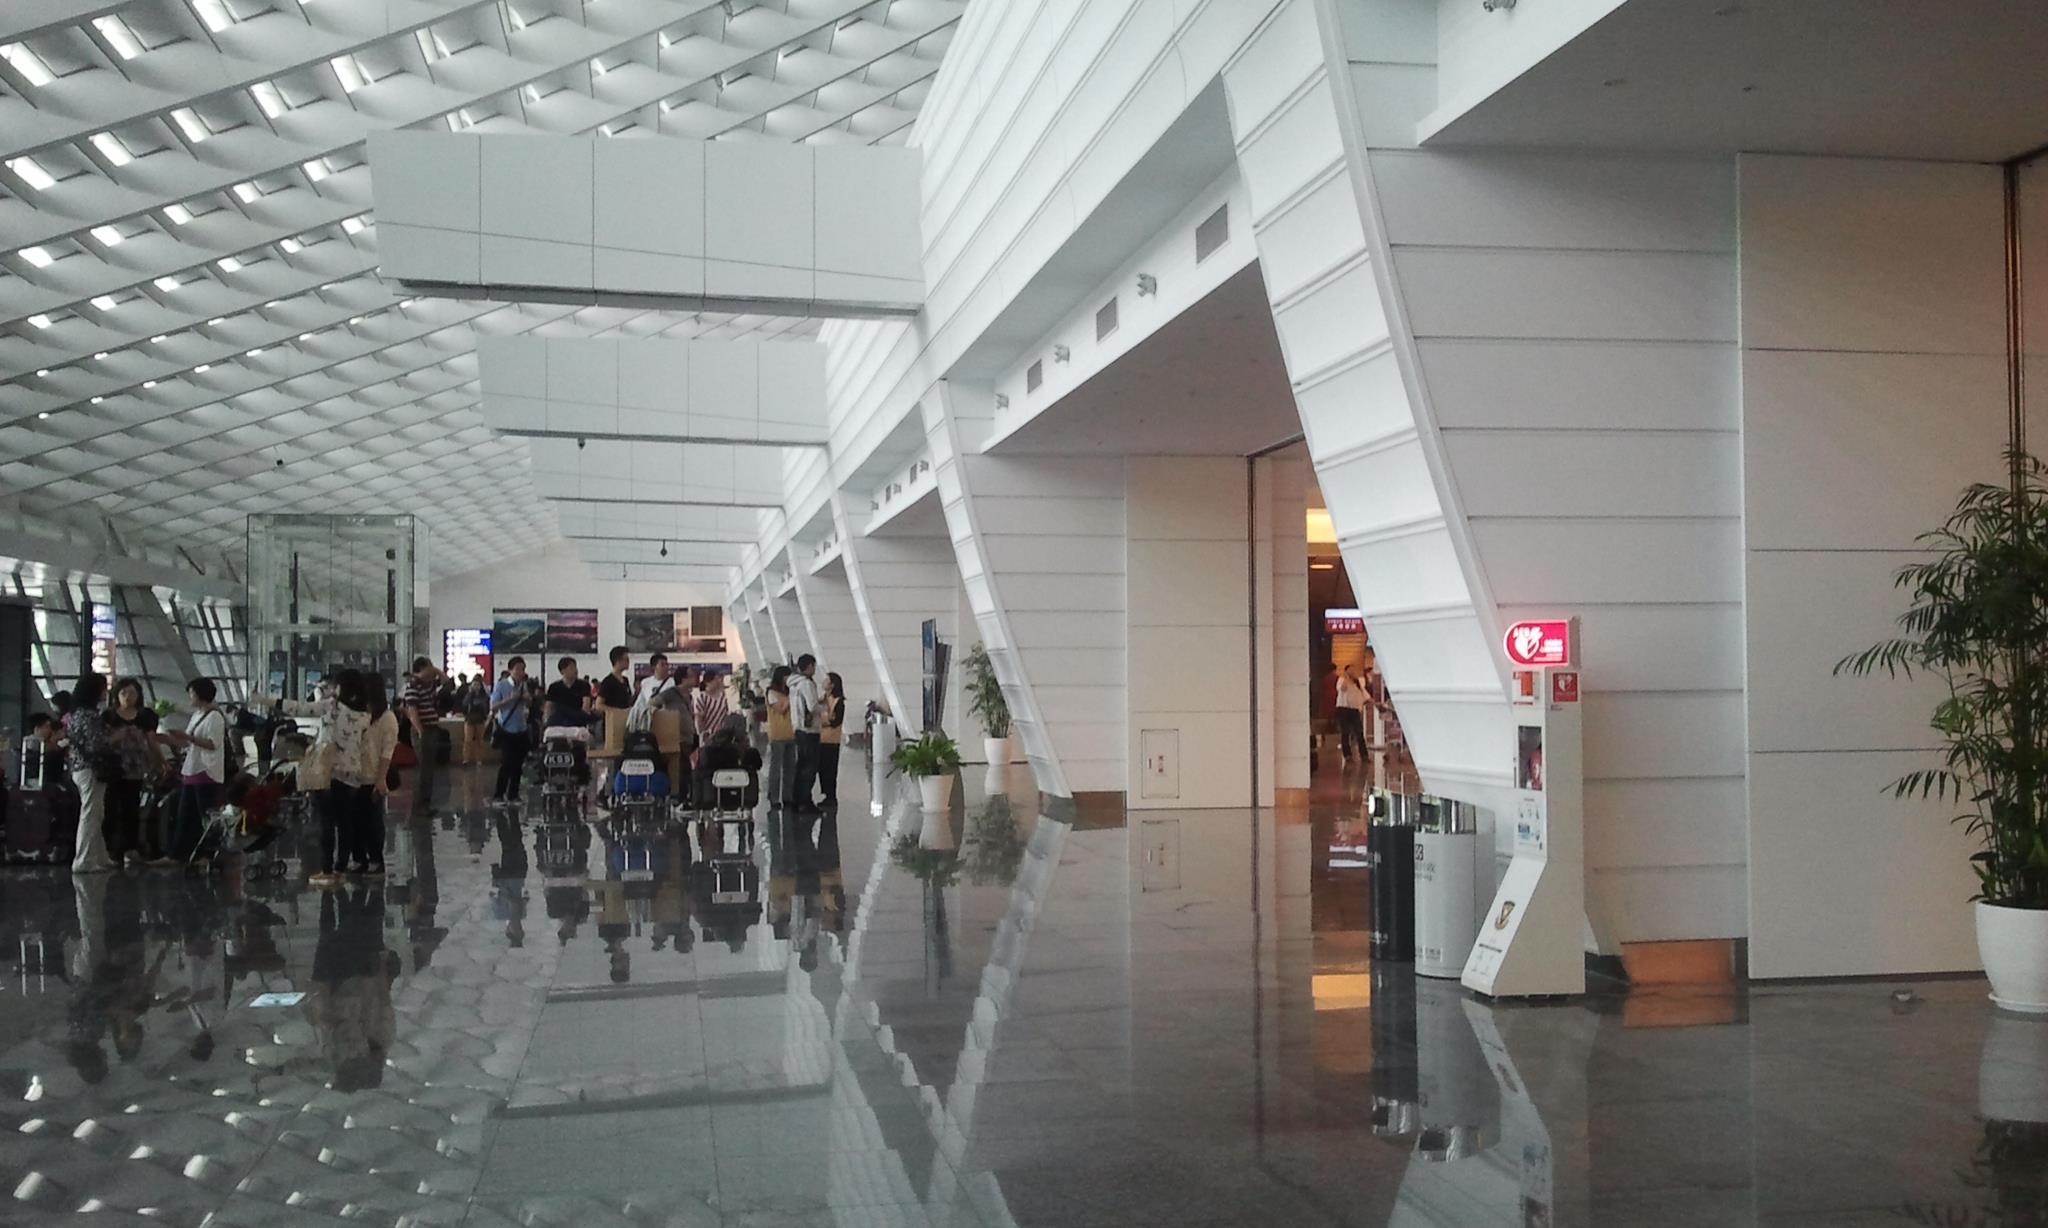 Taoyan Airport